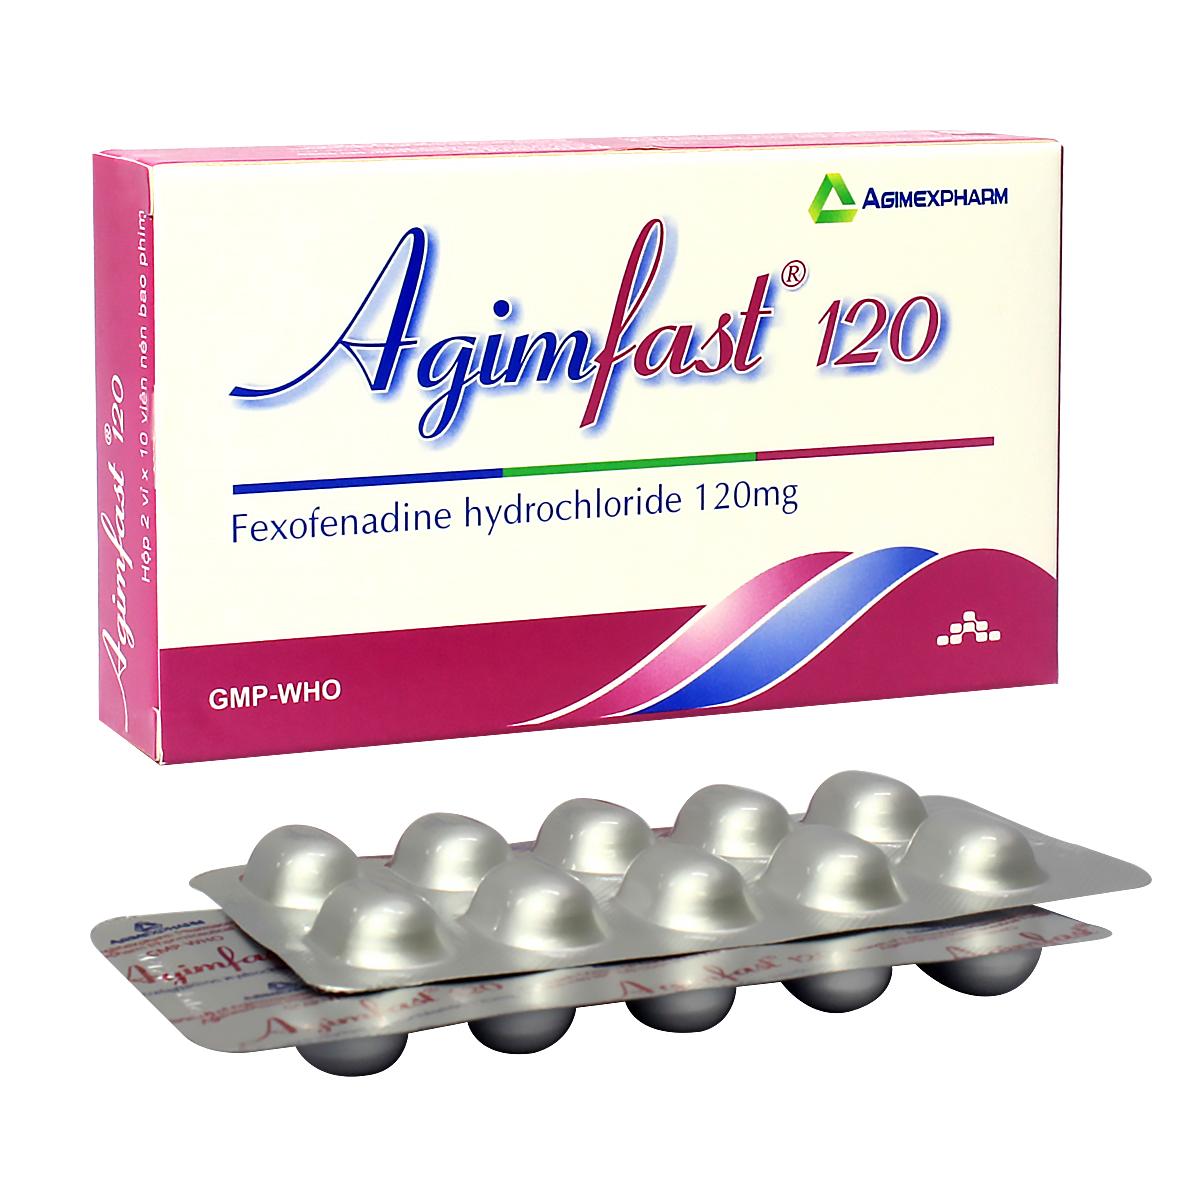 Thuốc chống dị ứng Agimfast 120mg hộp 20 viên